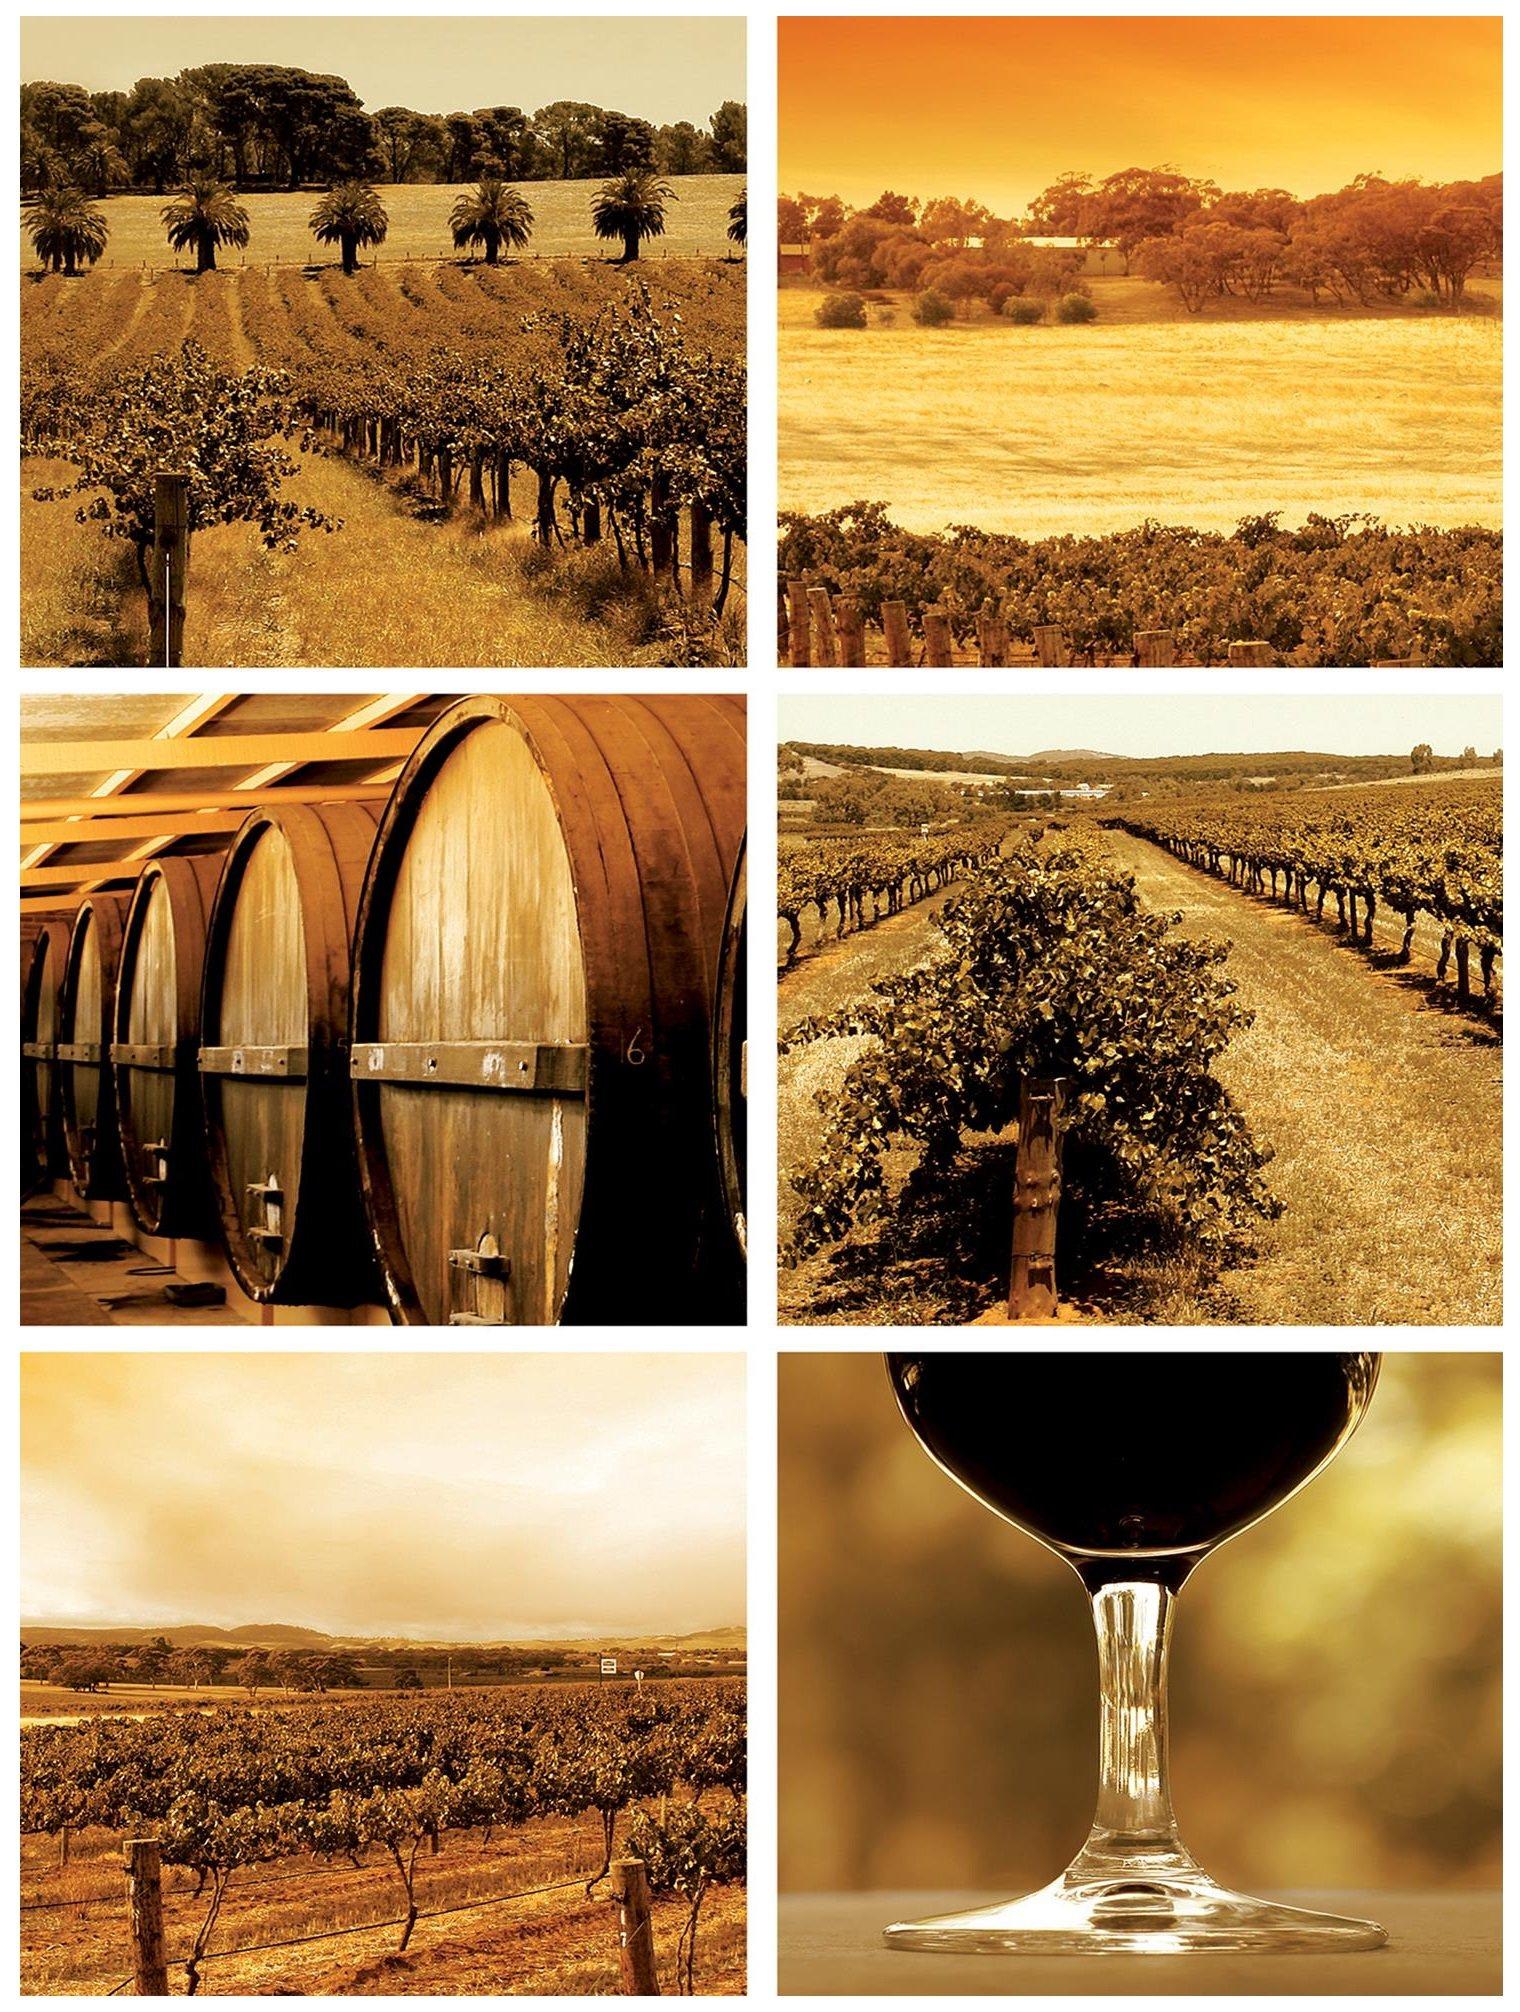 Fototapeta do kuchni winogrono fototapety